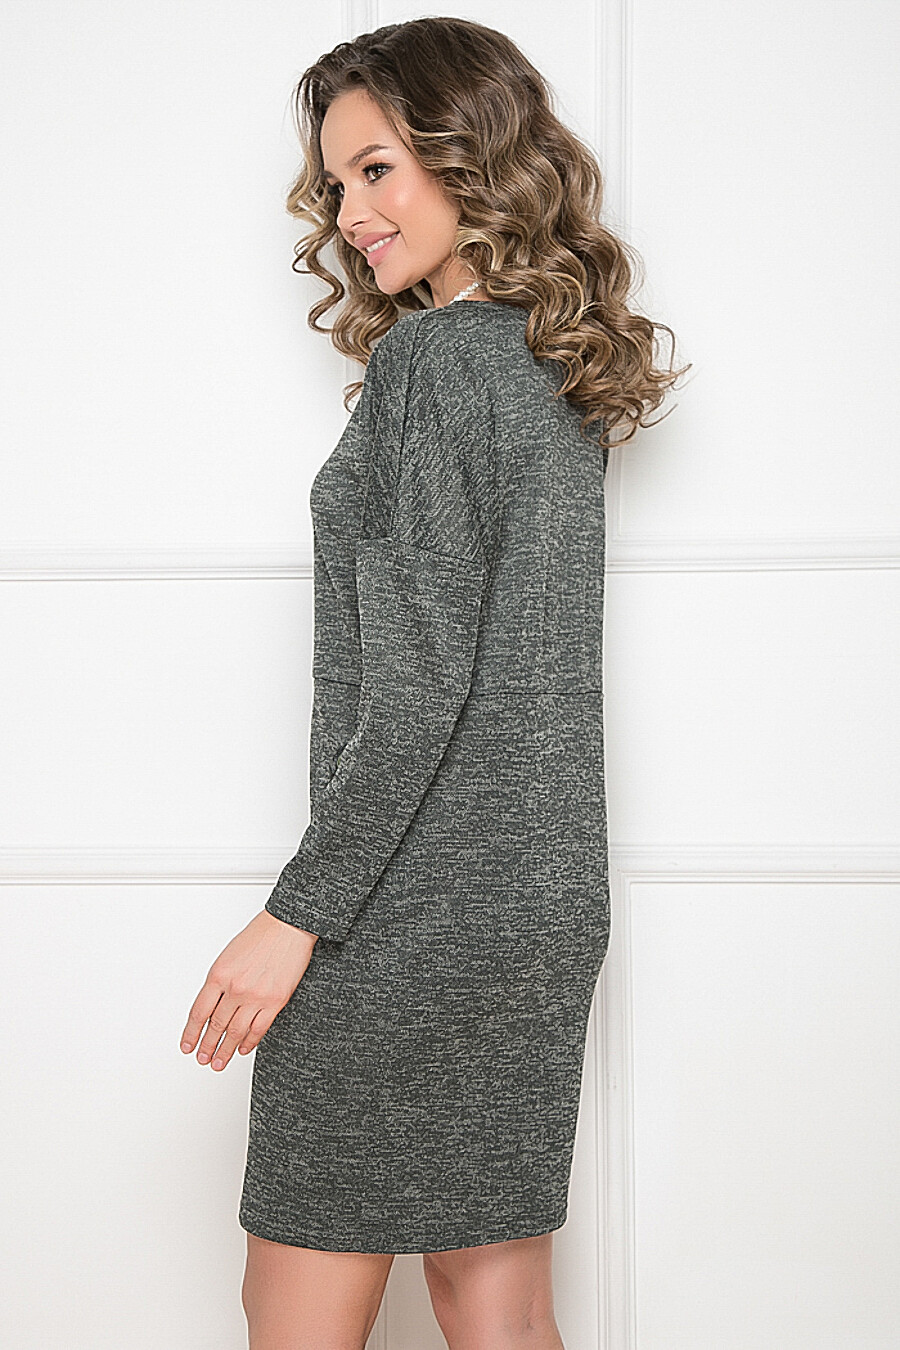 Платье Матинаро BELLOVERA (272484), купить в Moyo.moda